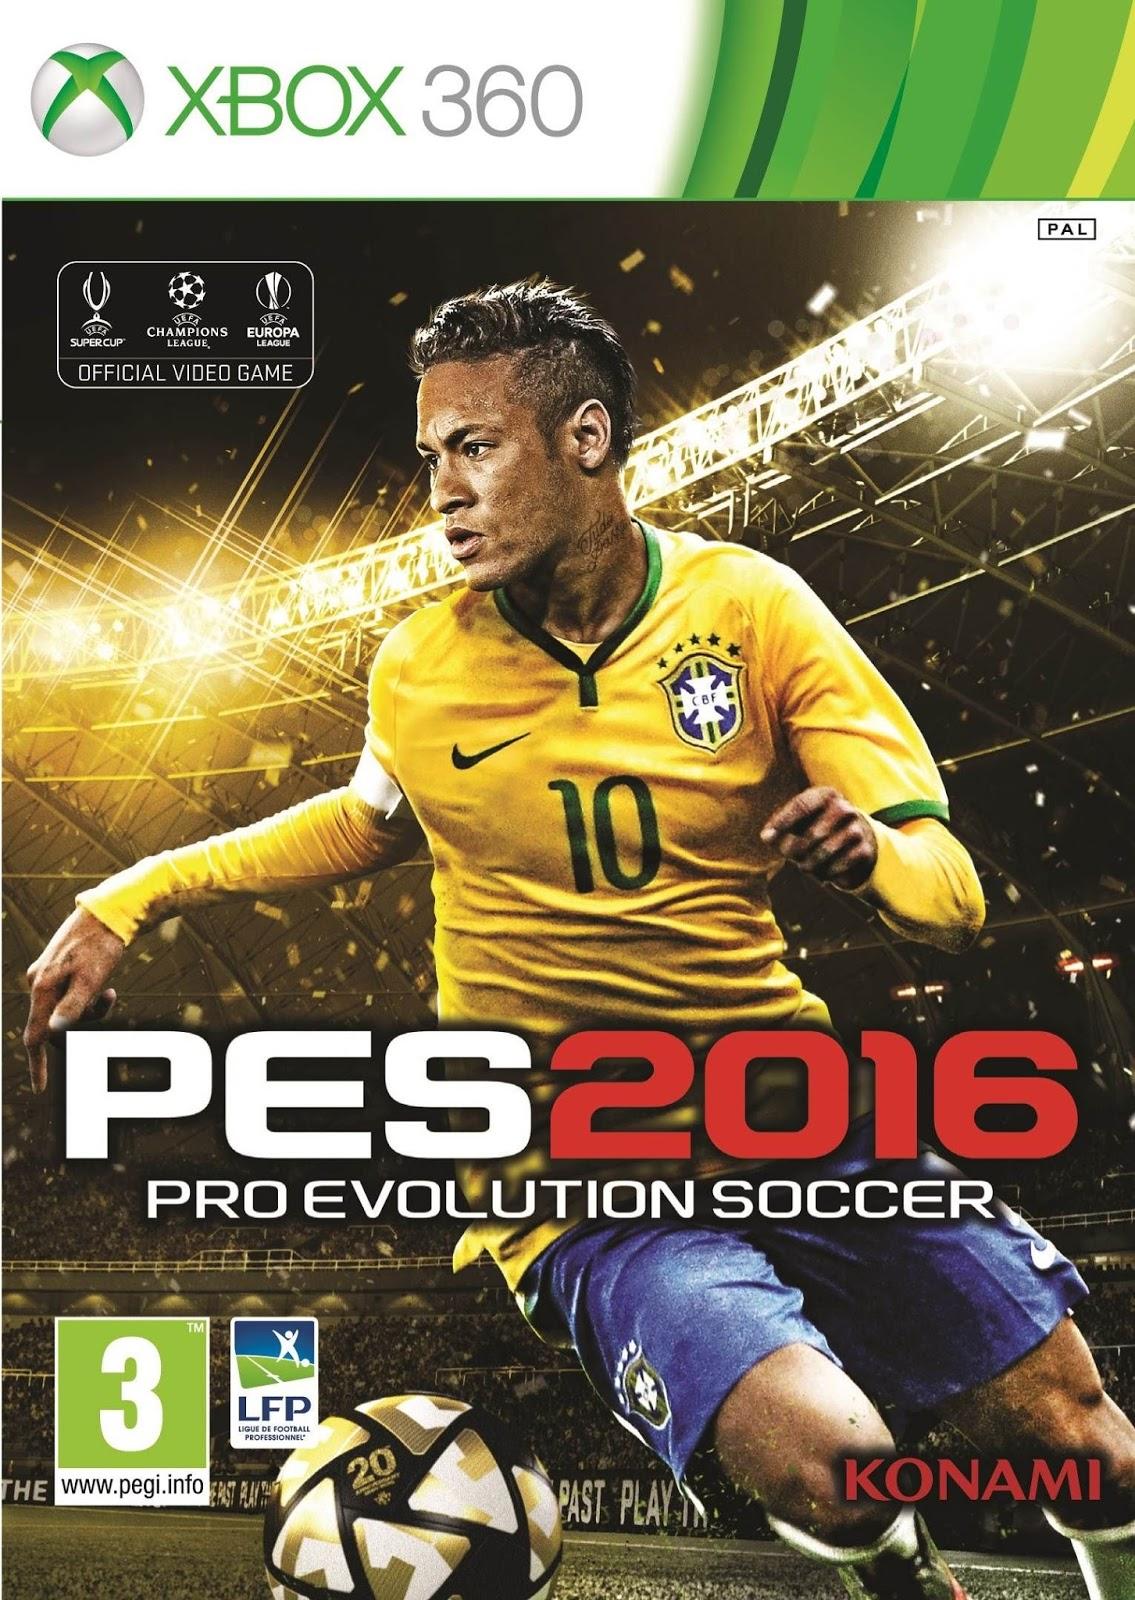 Pro Evolution Soccer 2016 ESPAÑOL XBOX 360 Cover Caratula